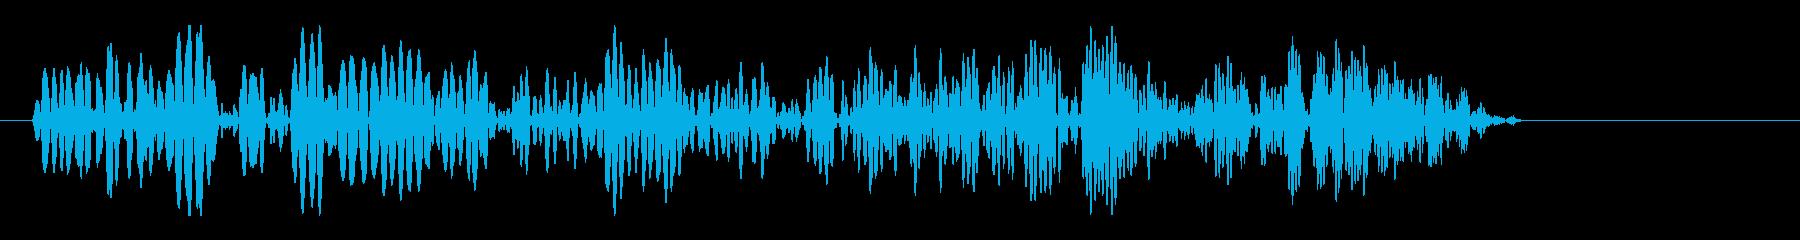 何かが出てくるゲーム音の再生済みの波形